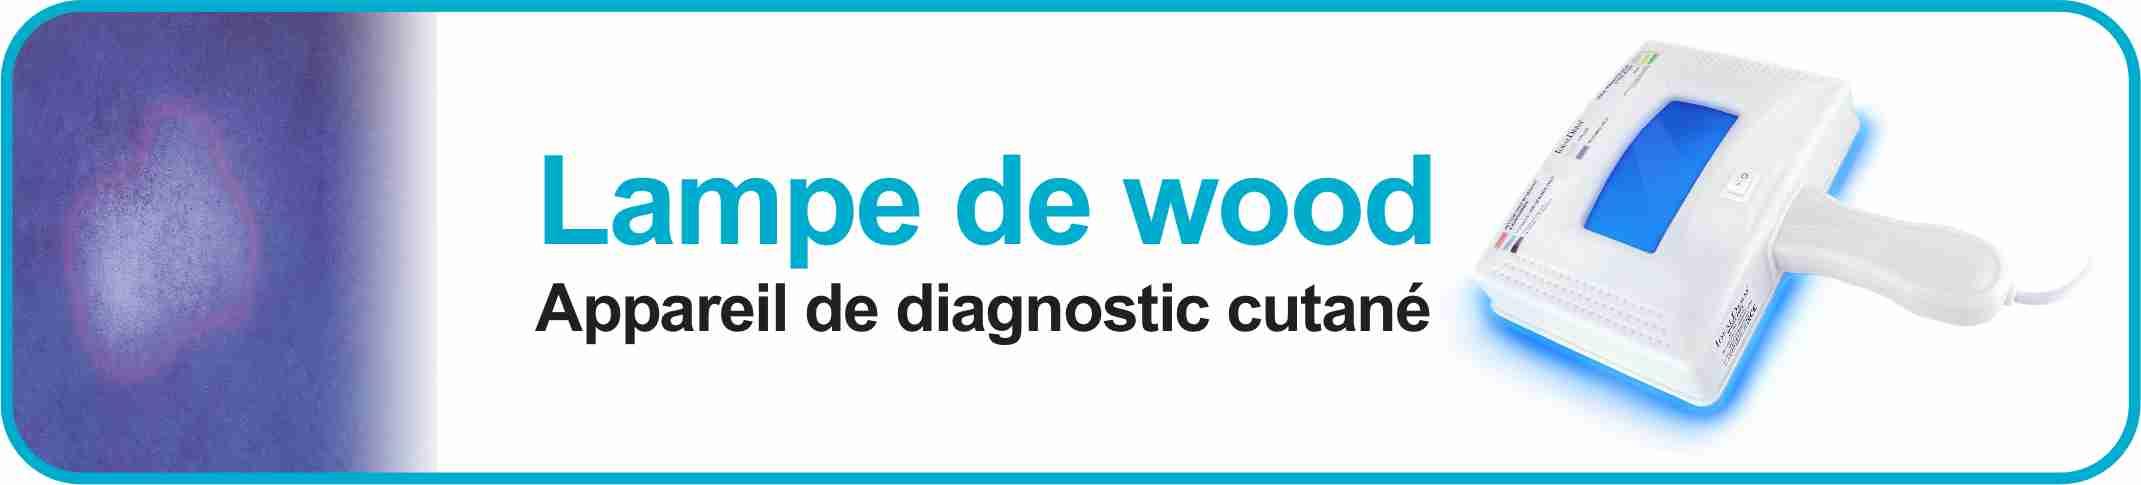 Appareil de diagnostic cutané